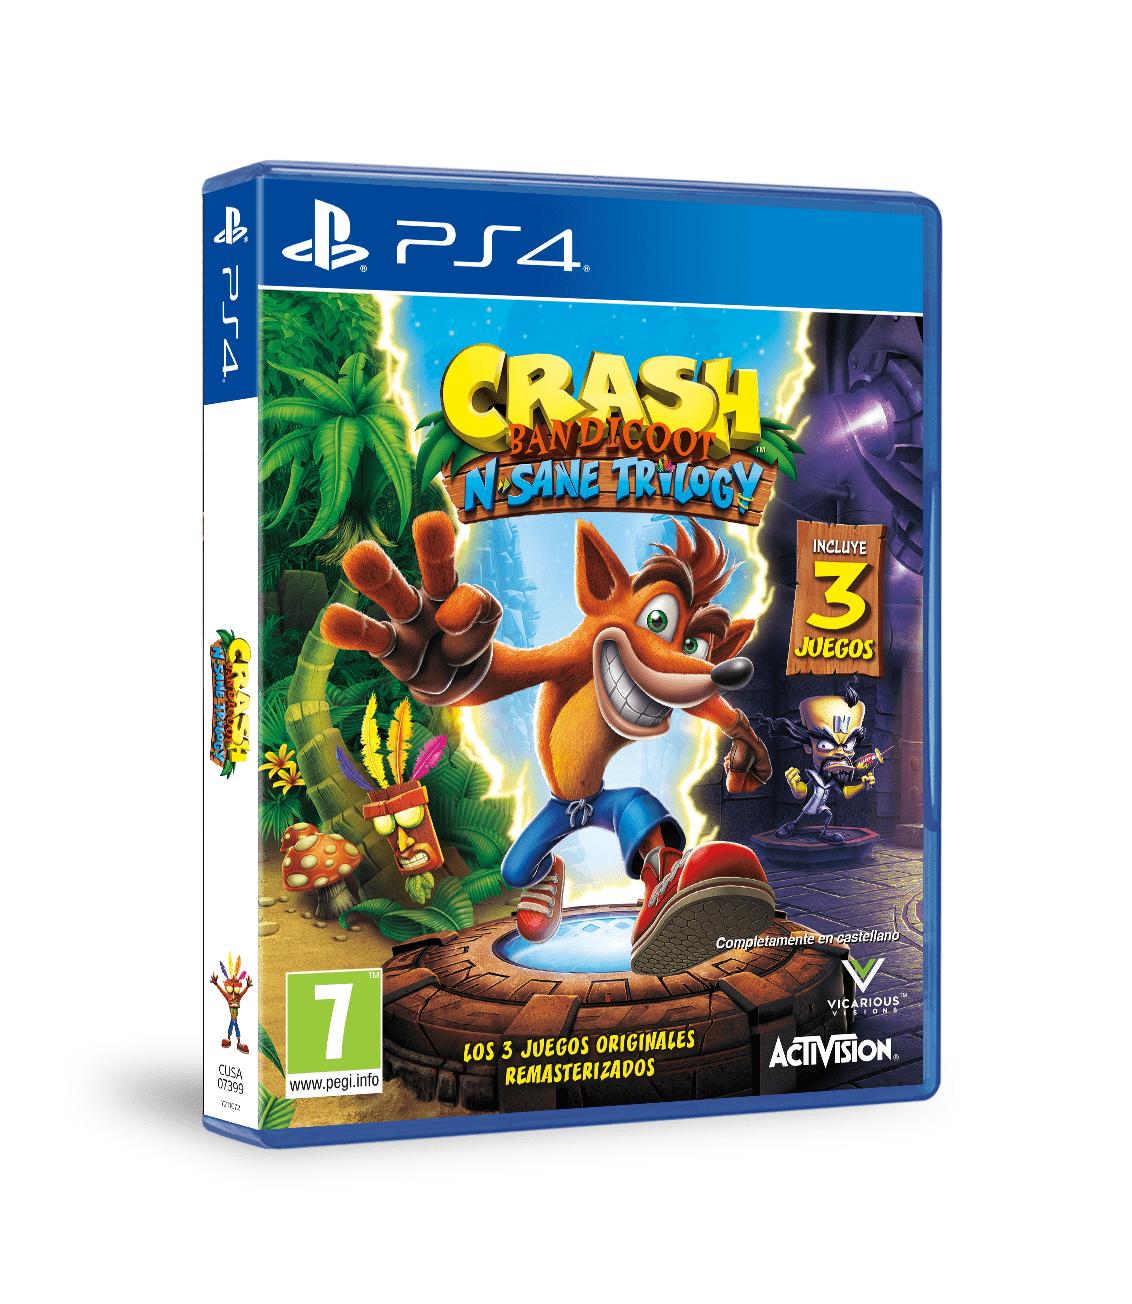 PS4_3D_CRASH_SP-min.png